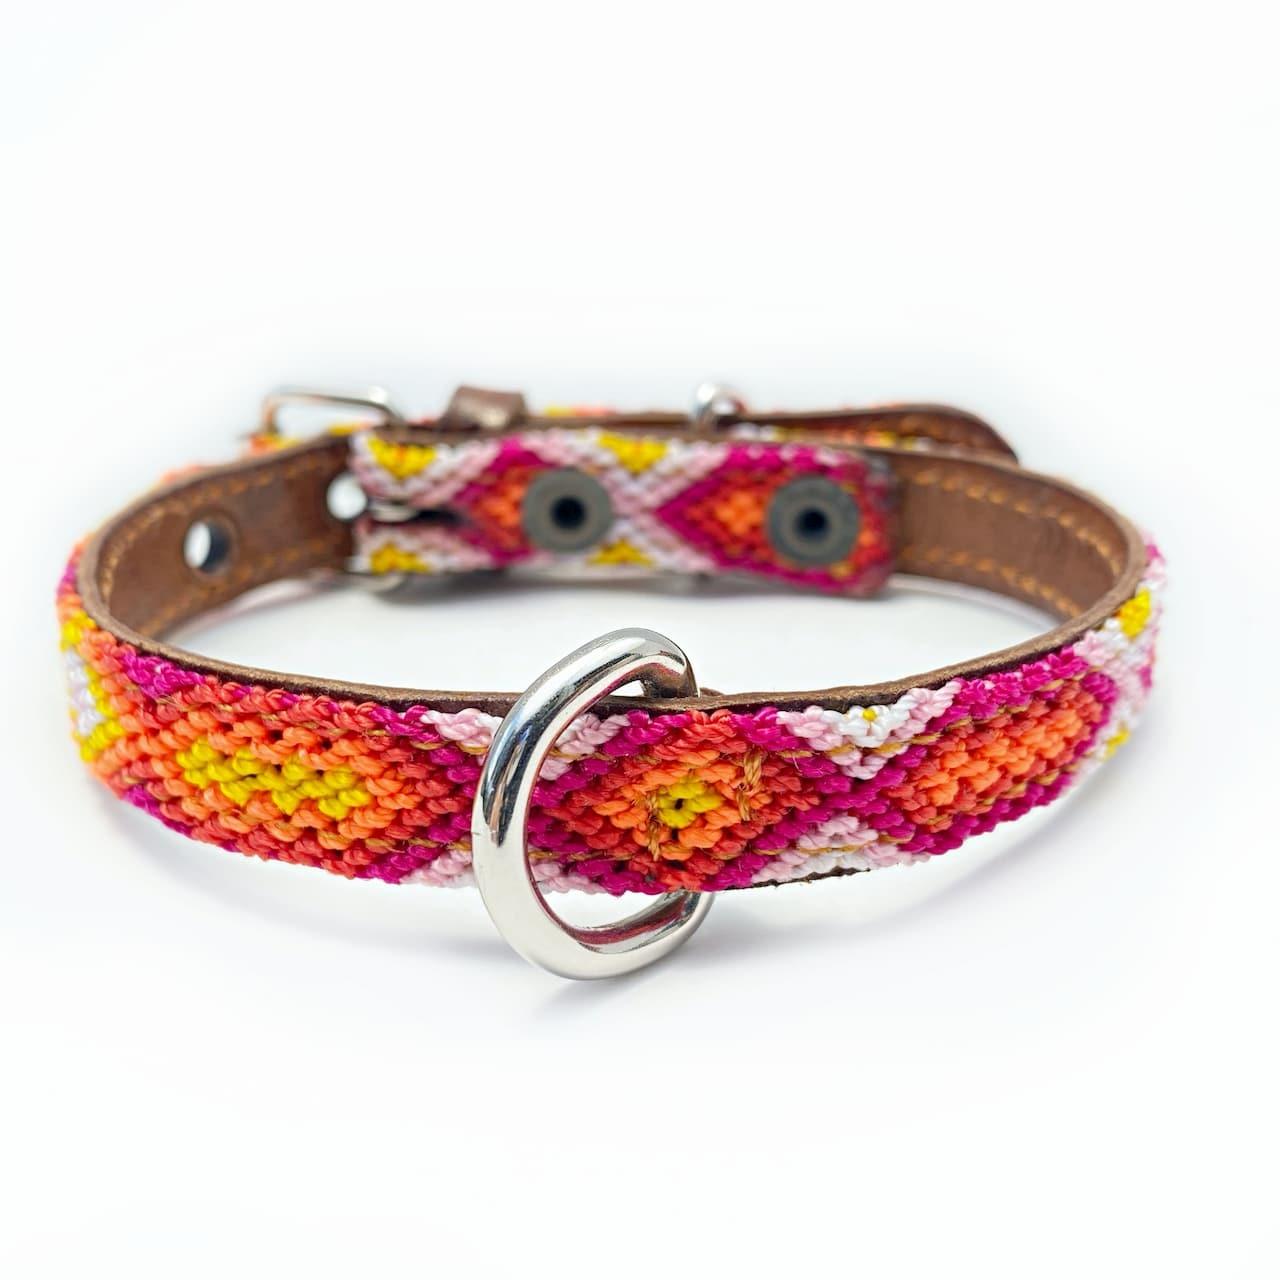 犬の首輪 -サイズXS mini- [ピンクグレープフルーツ]